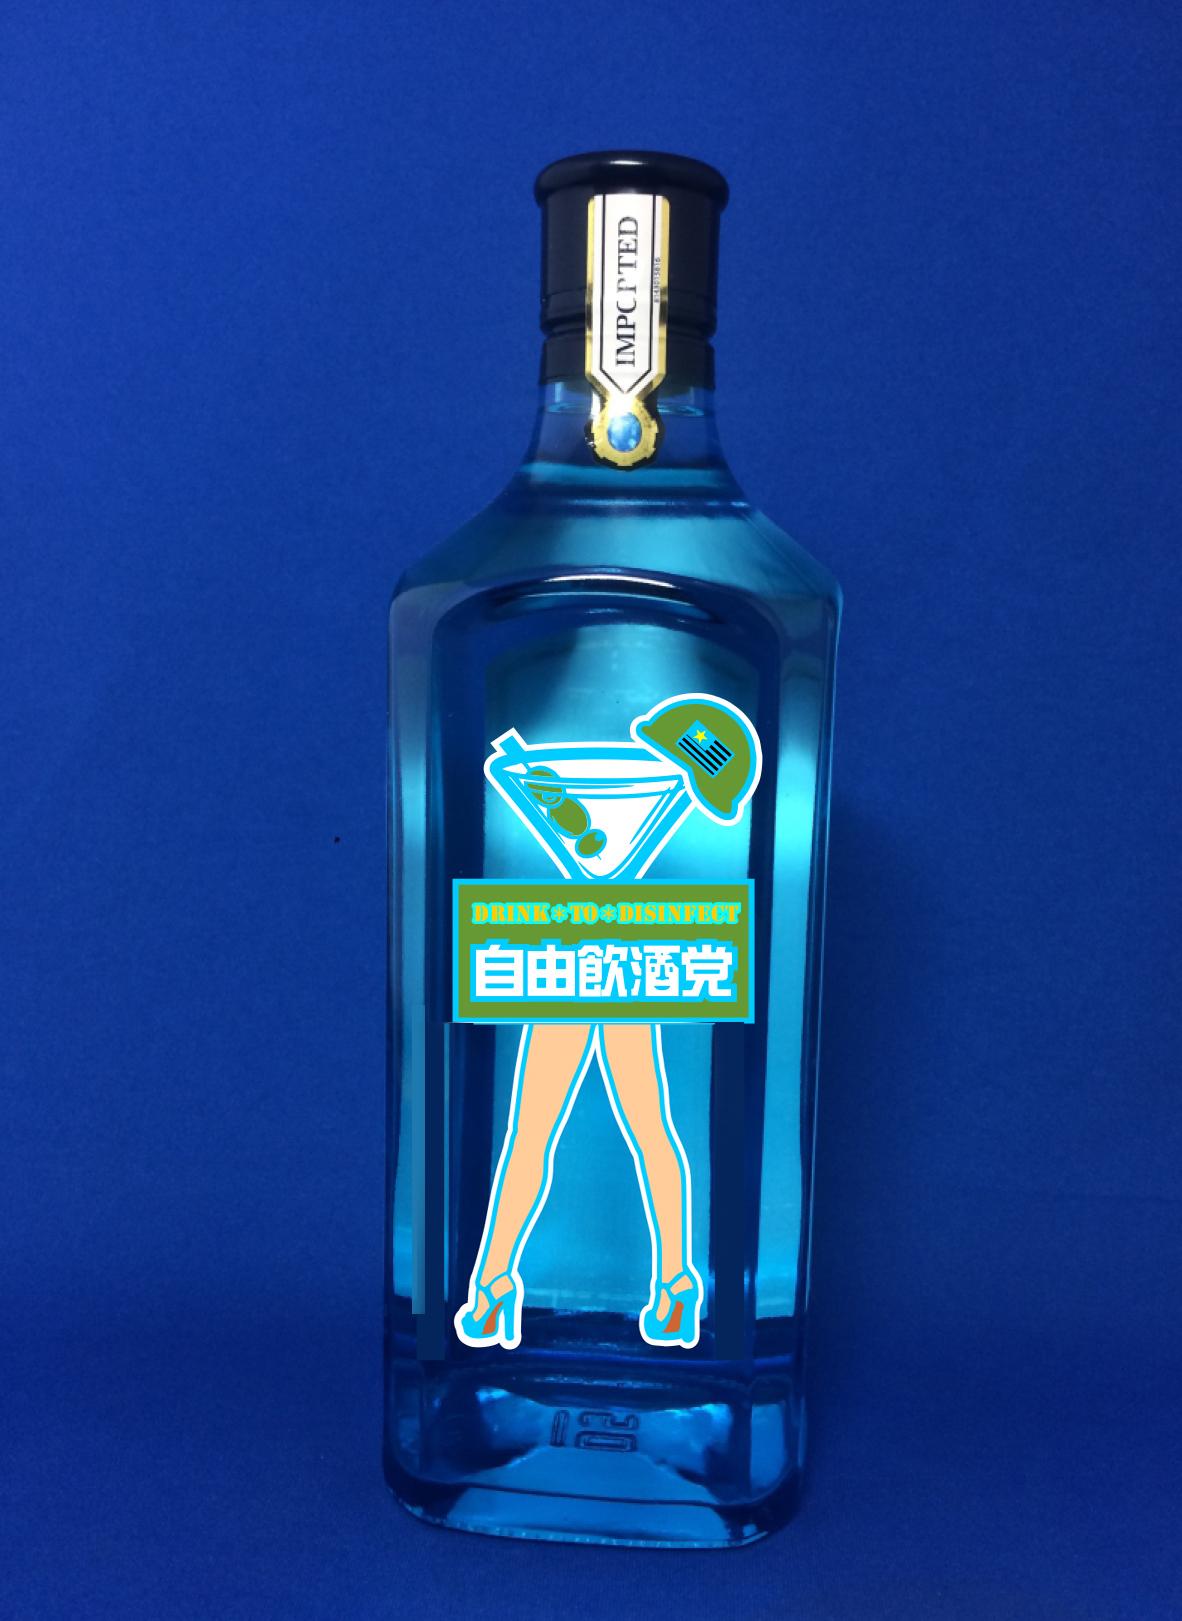 T2020 デザイン ボンベイサファイア 「マティーニ汁ボトル」